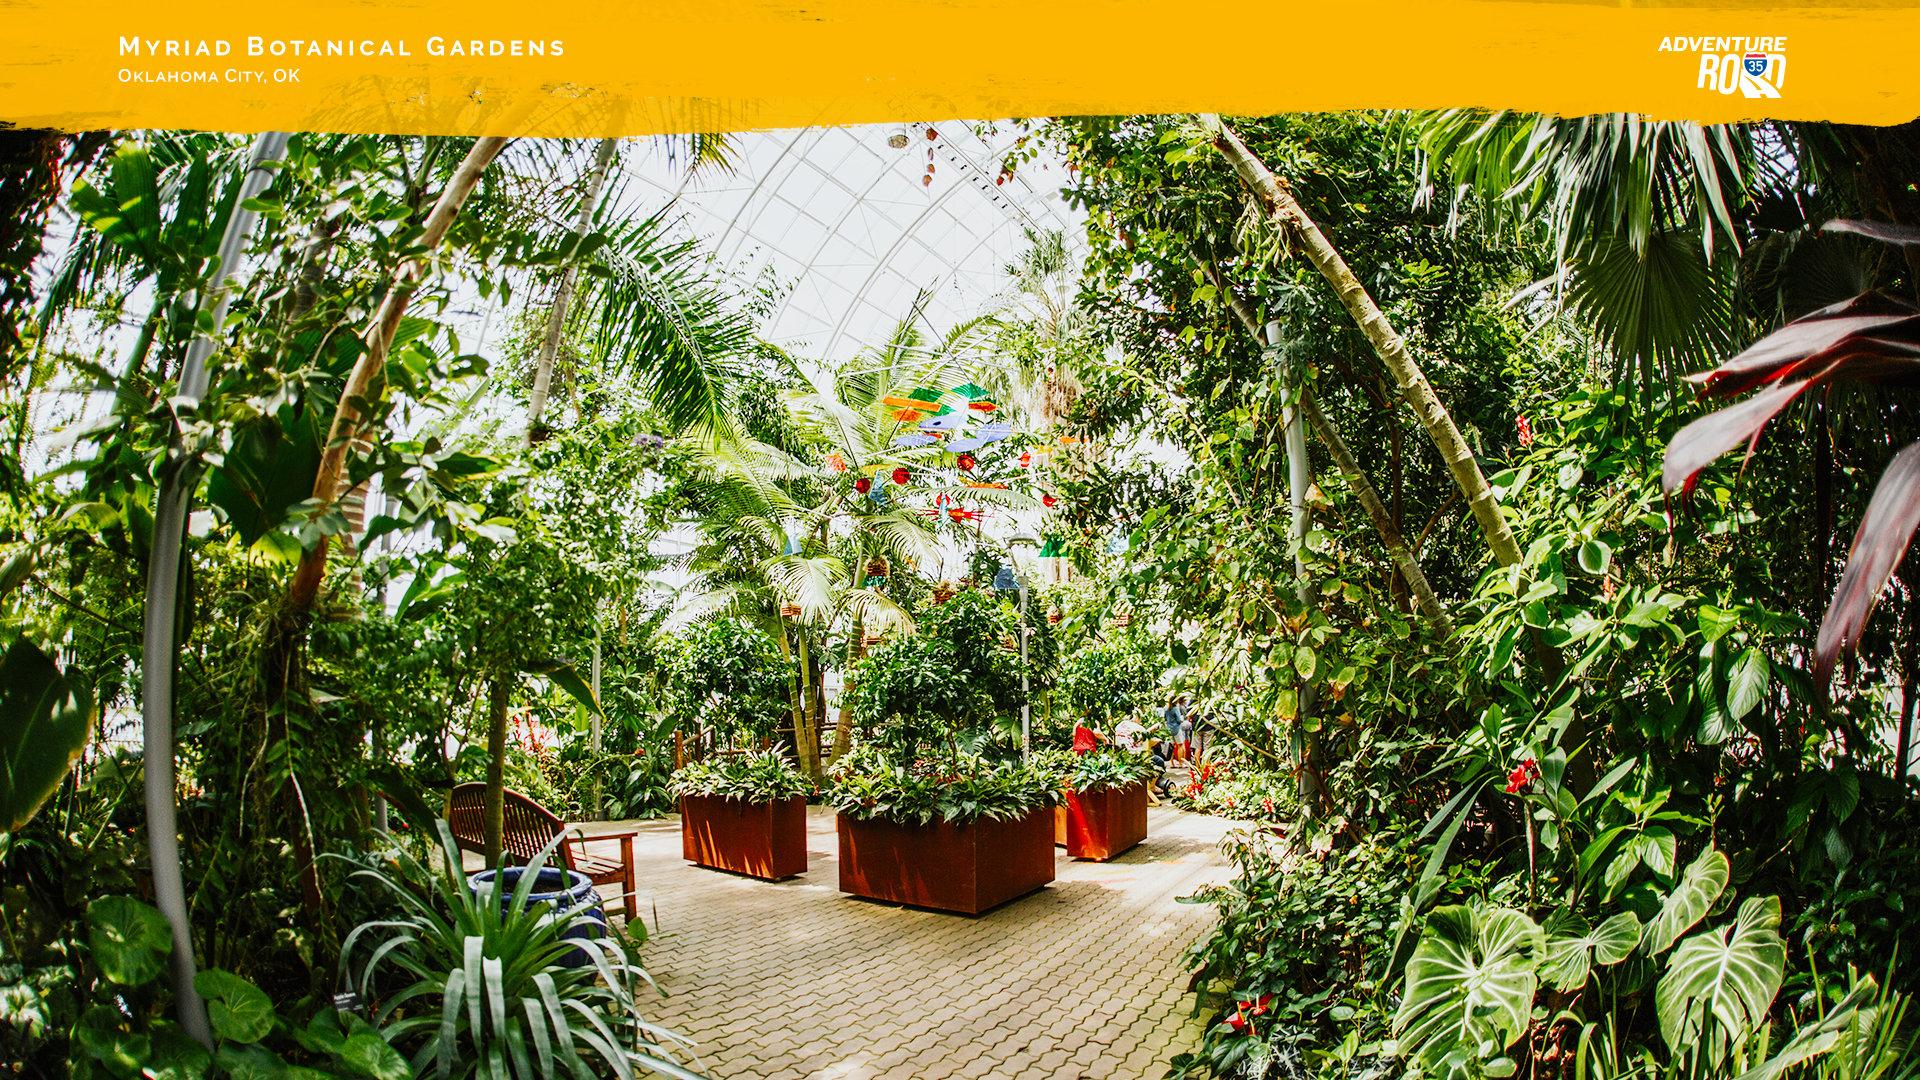 adventure-road-zoom-background-myriad-botanical-gardens